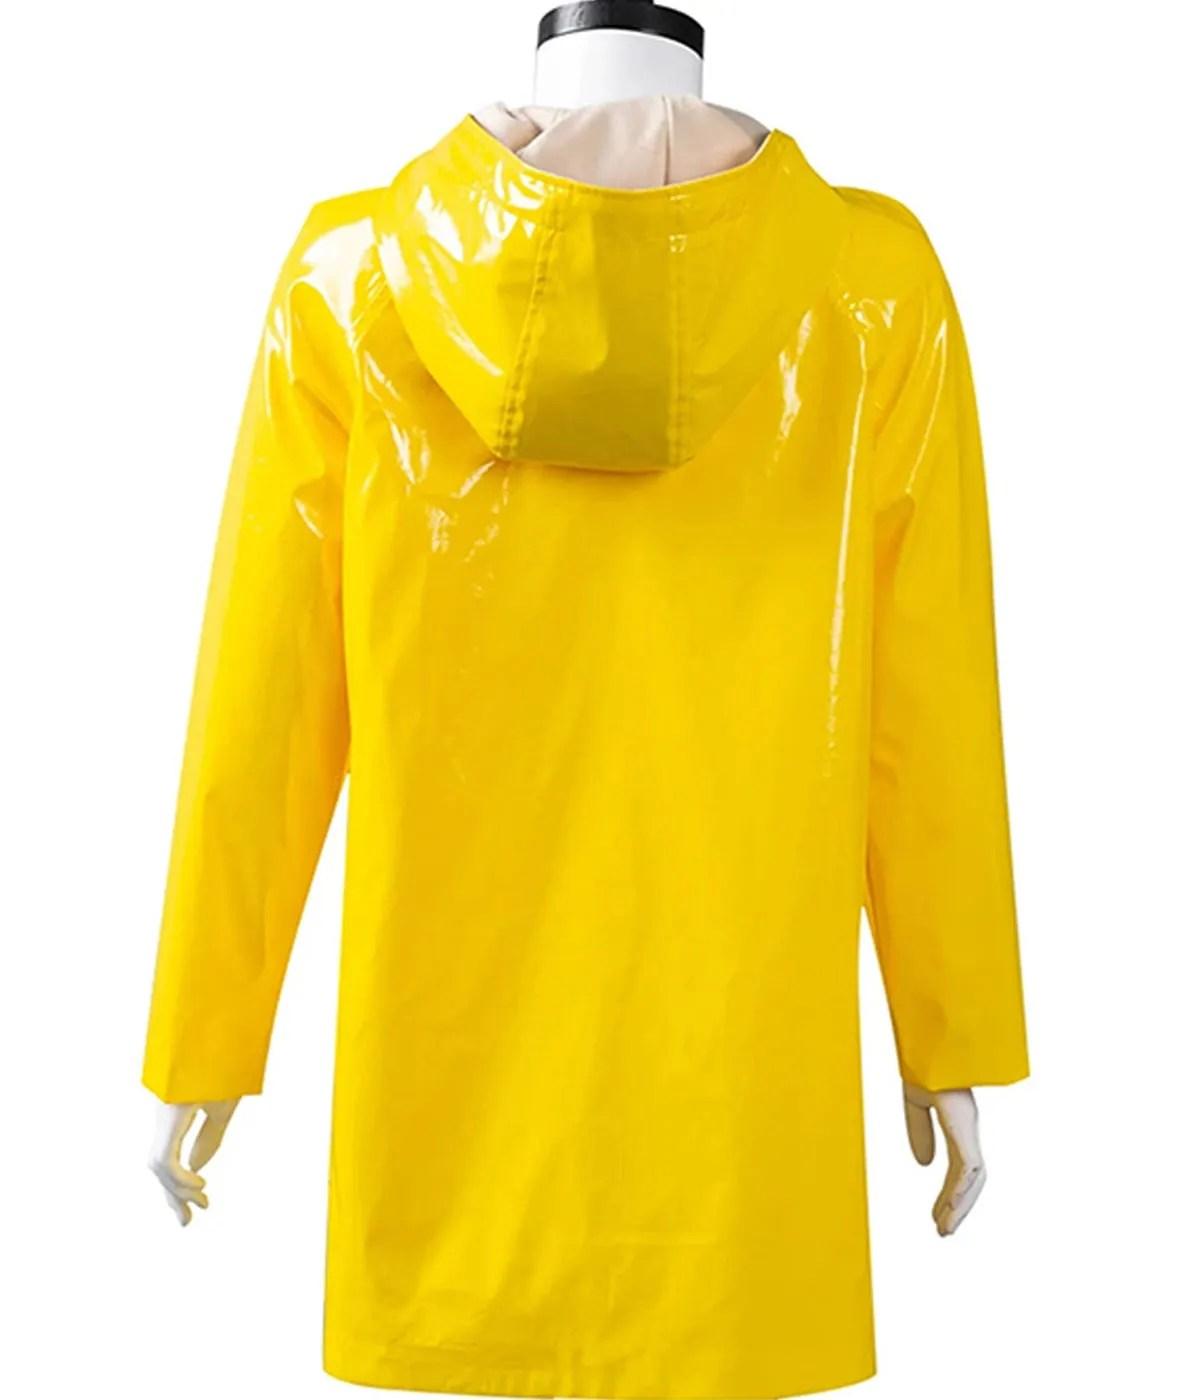 coraline-jones-yellow-coat-with-hood